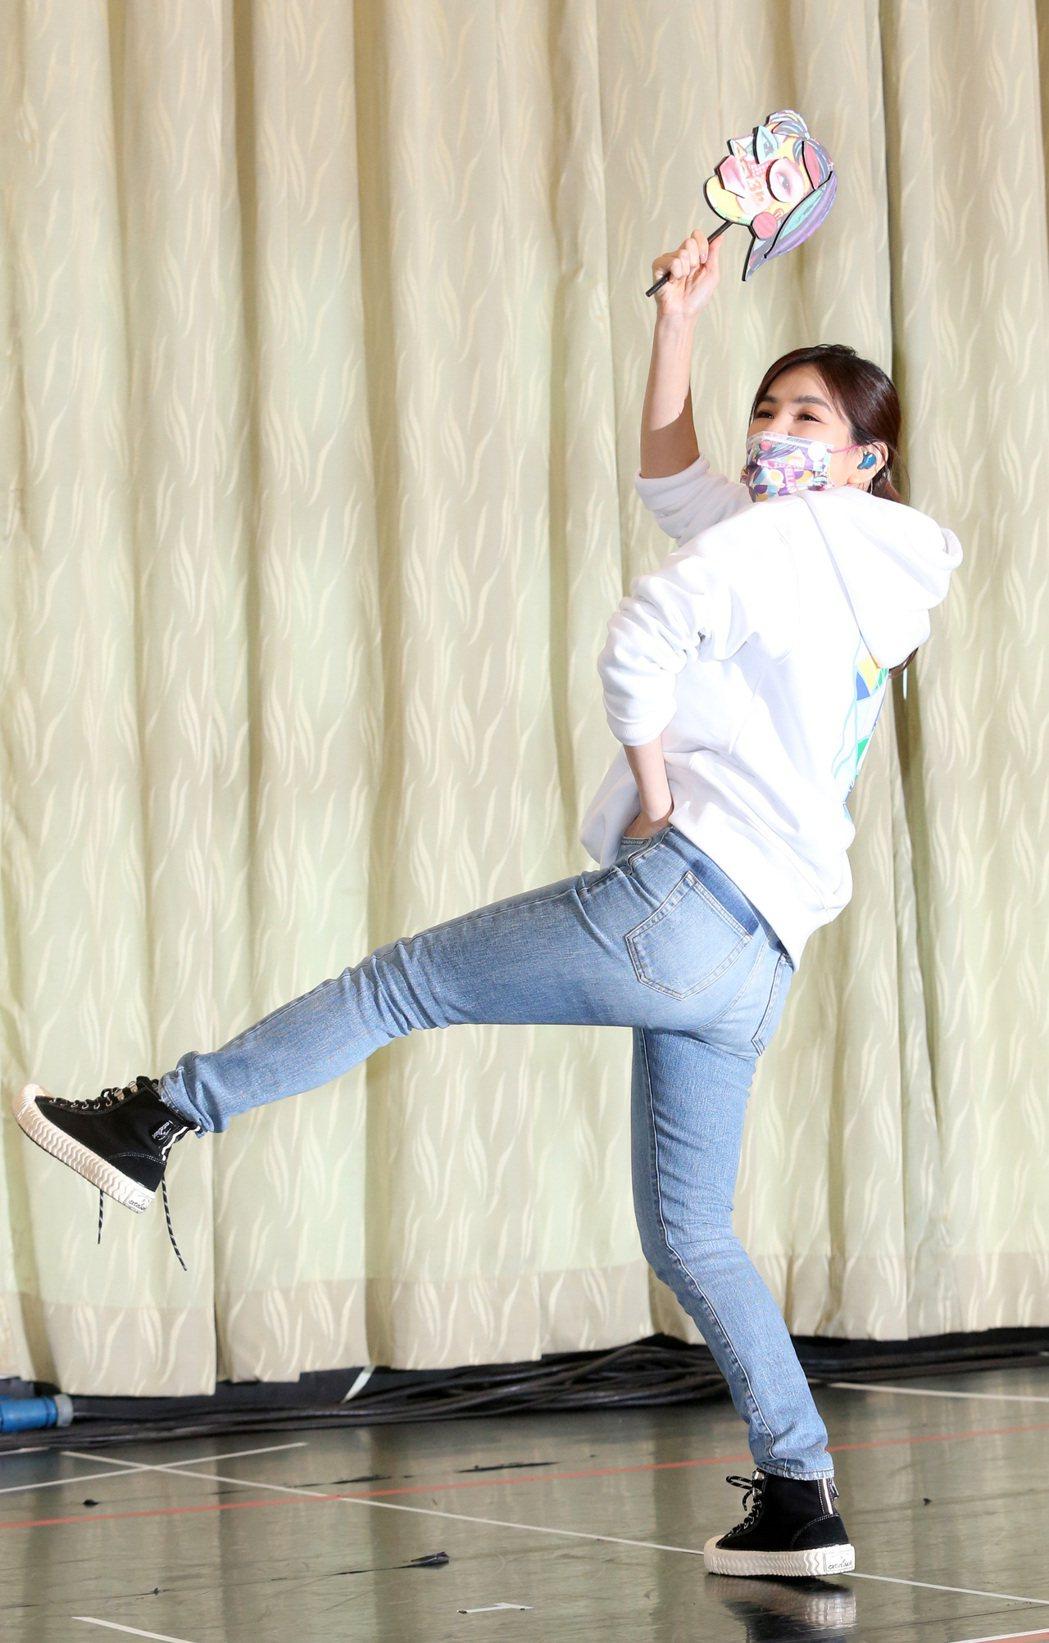 Ella陳嘉樺正式宣告將舉辦個人生涯第一場巡演,並於今天進行彩排。記者胡經周/攝...